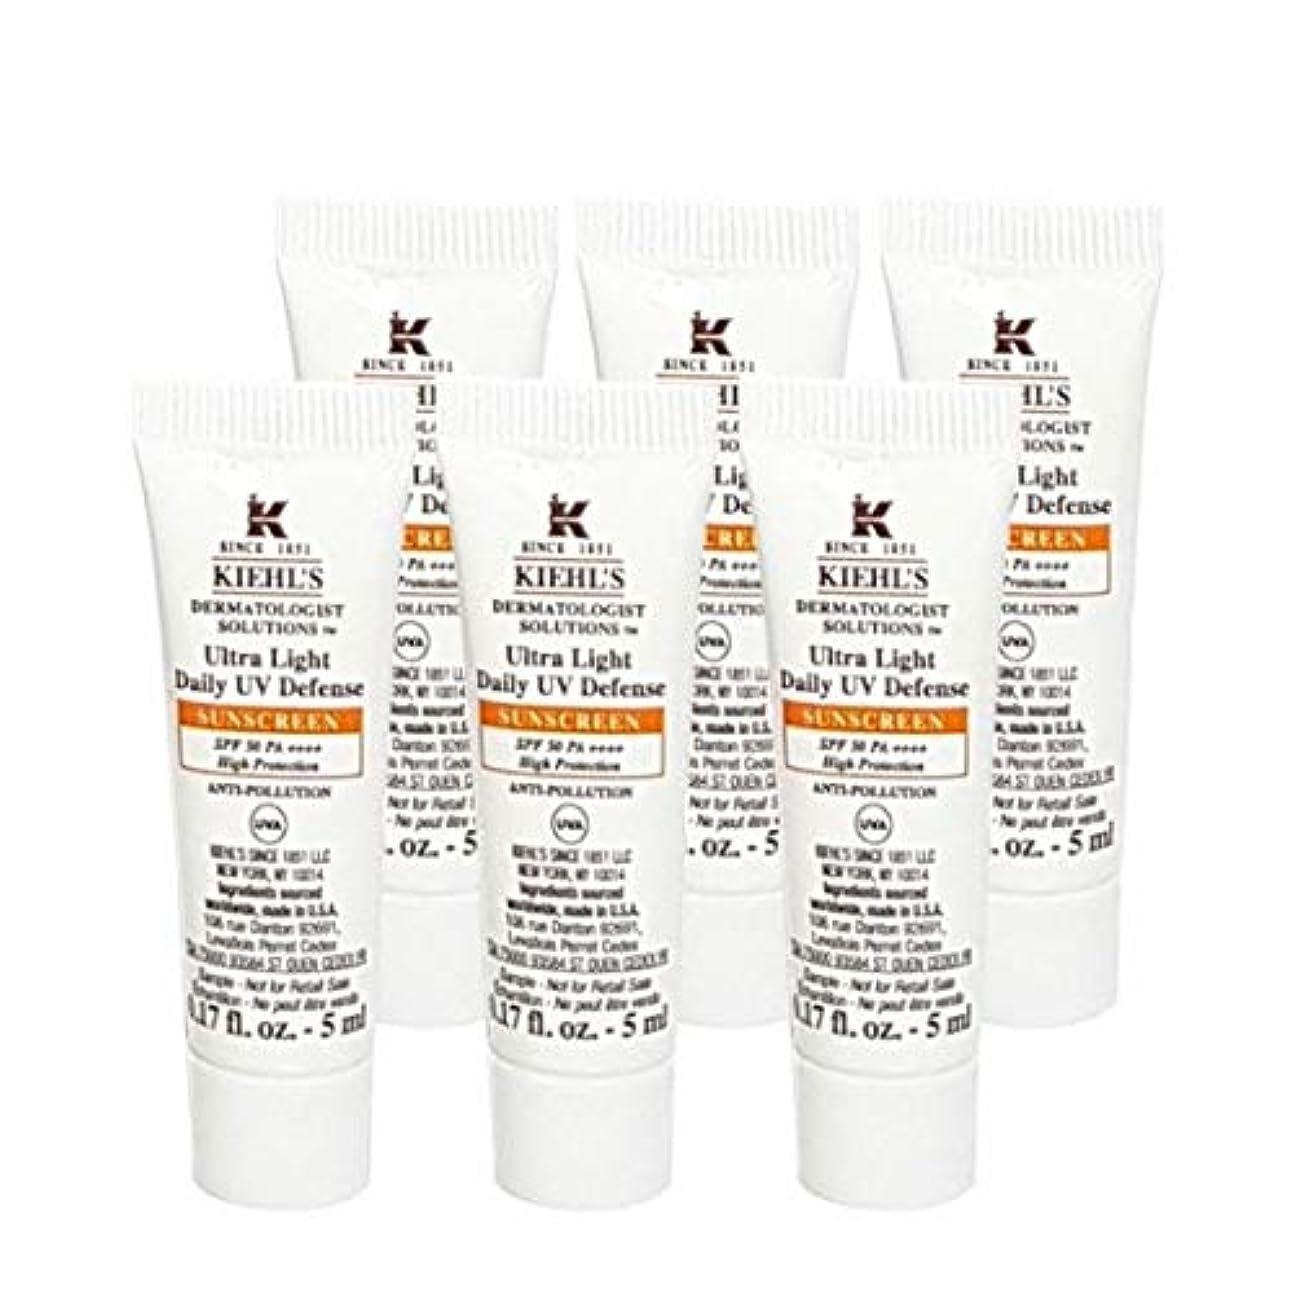 ヘビ敏感な規定Kiehl's(キールズ) キールズ UVディフェンス (5ml x 6個) / KIEHL'S Ultra Light Daily UV Defense Sunscreen SPF 50 PA++++